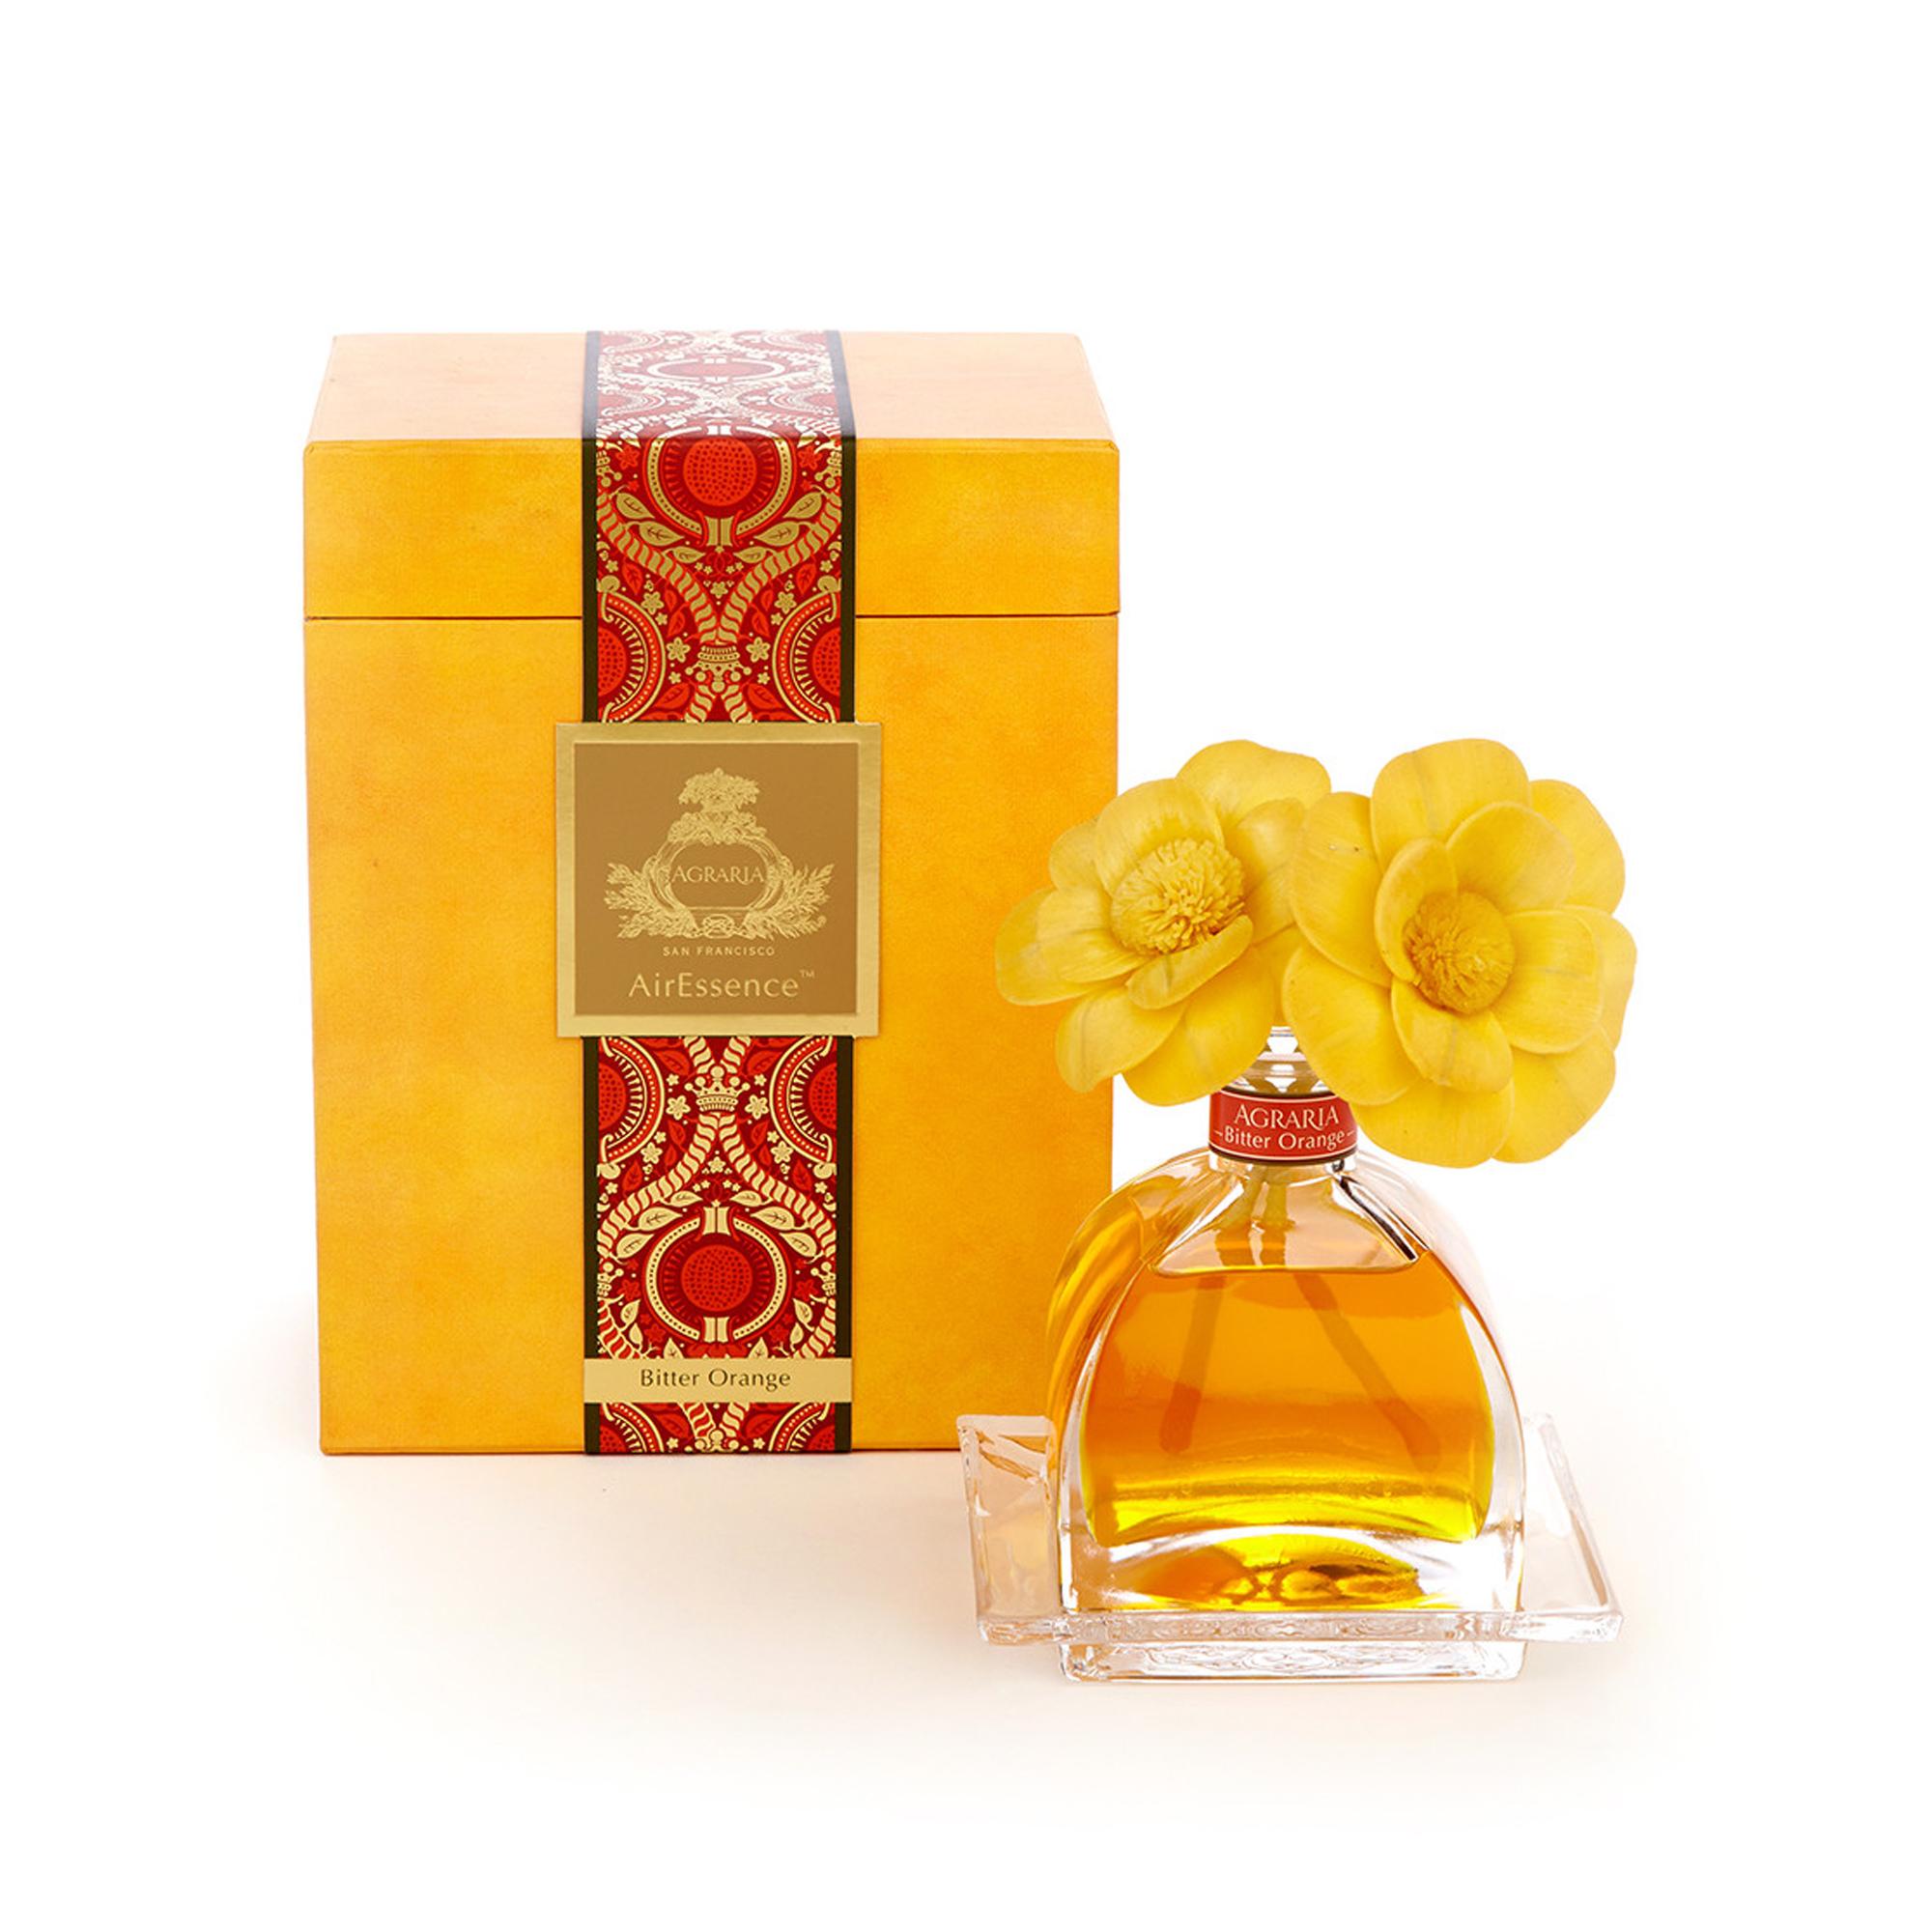 Bitter Orange - Large Air Essence Home Fragrance